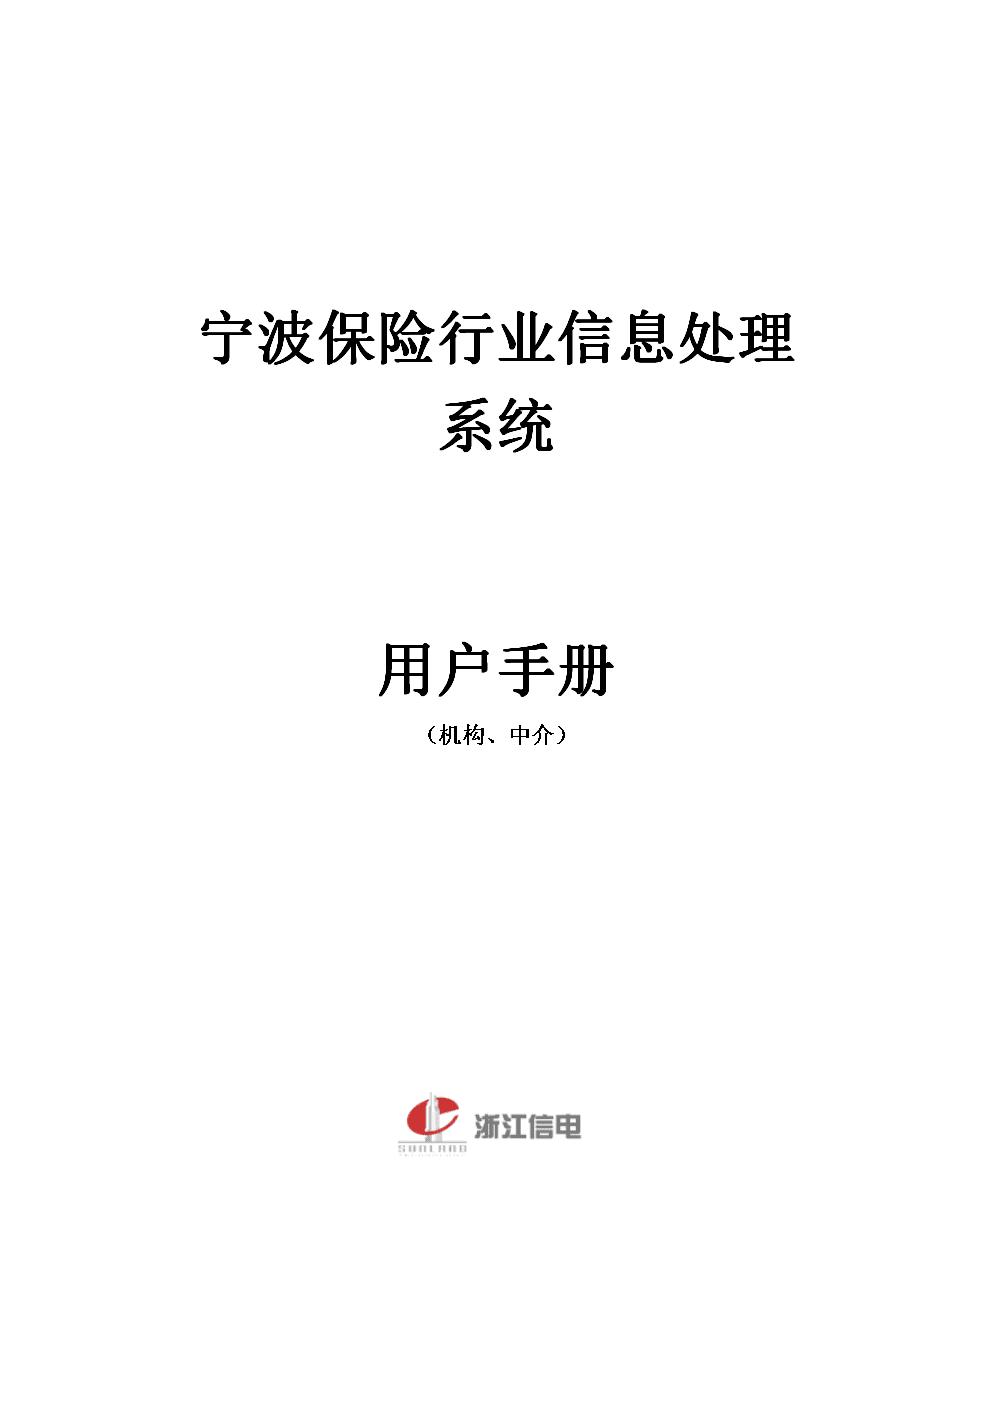 宁波保险行业信息处理系统使用手册.doc